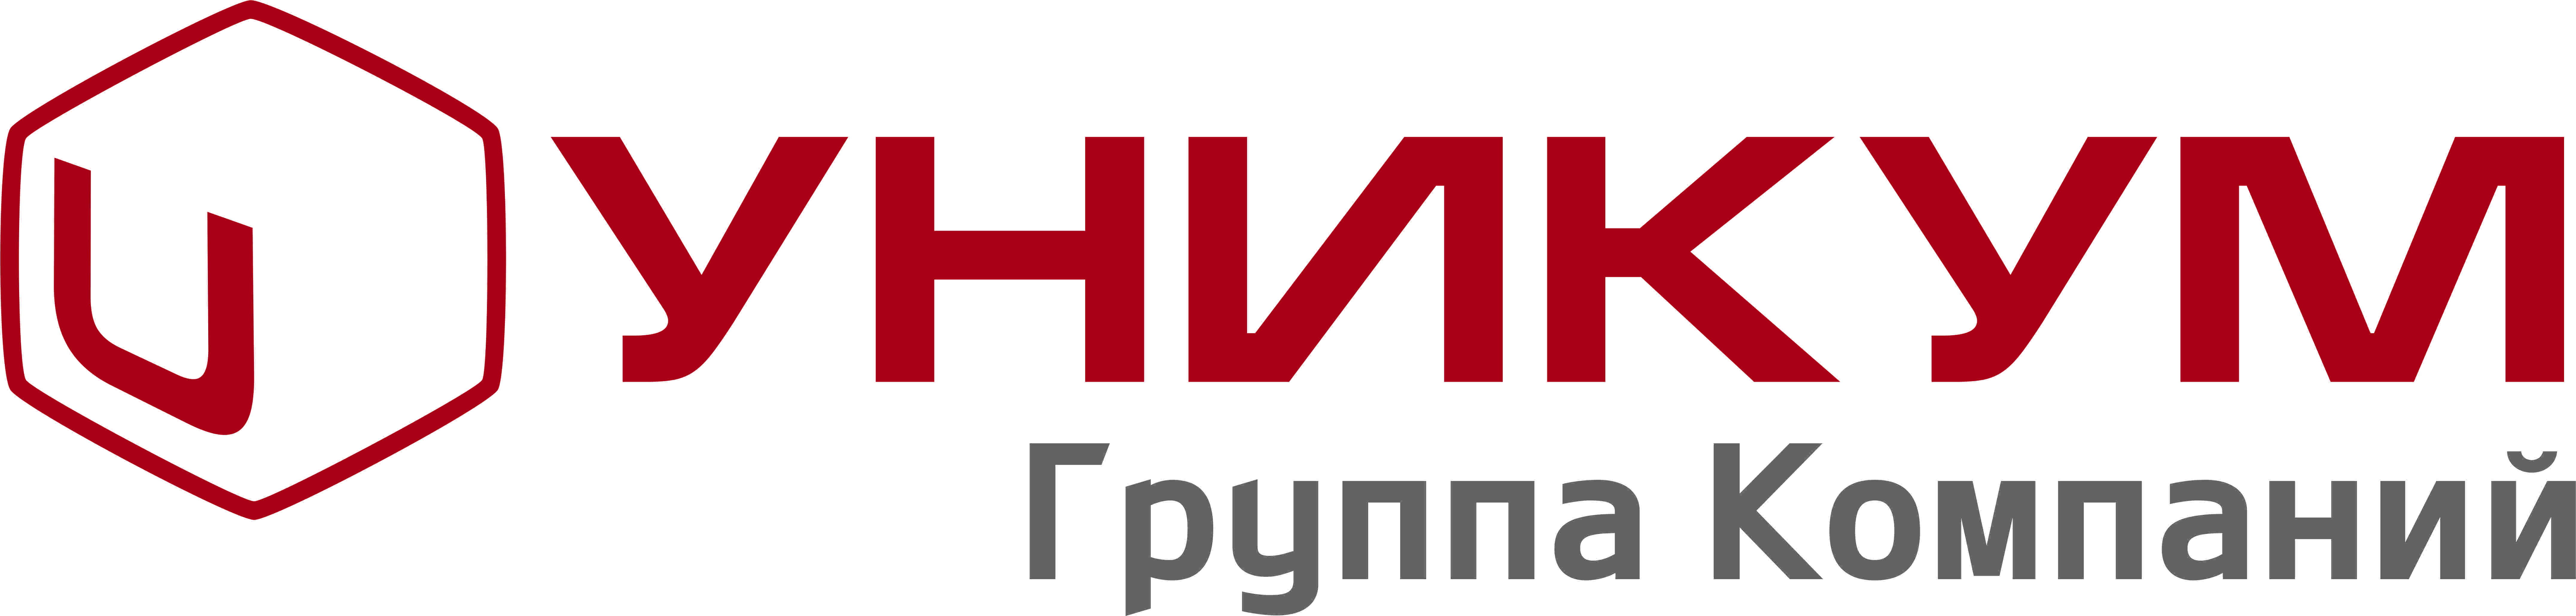 банк кредит москва вакансии